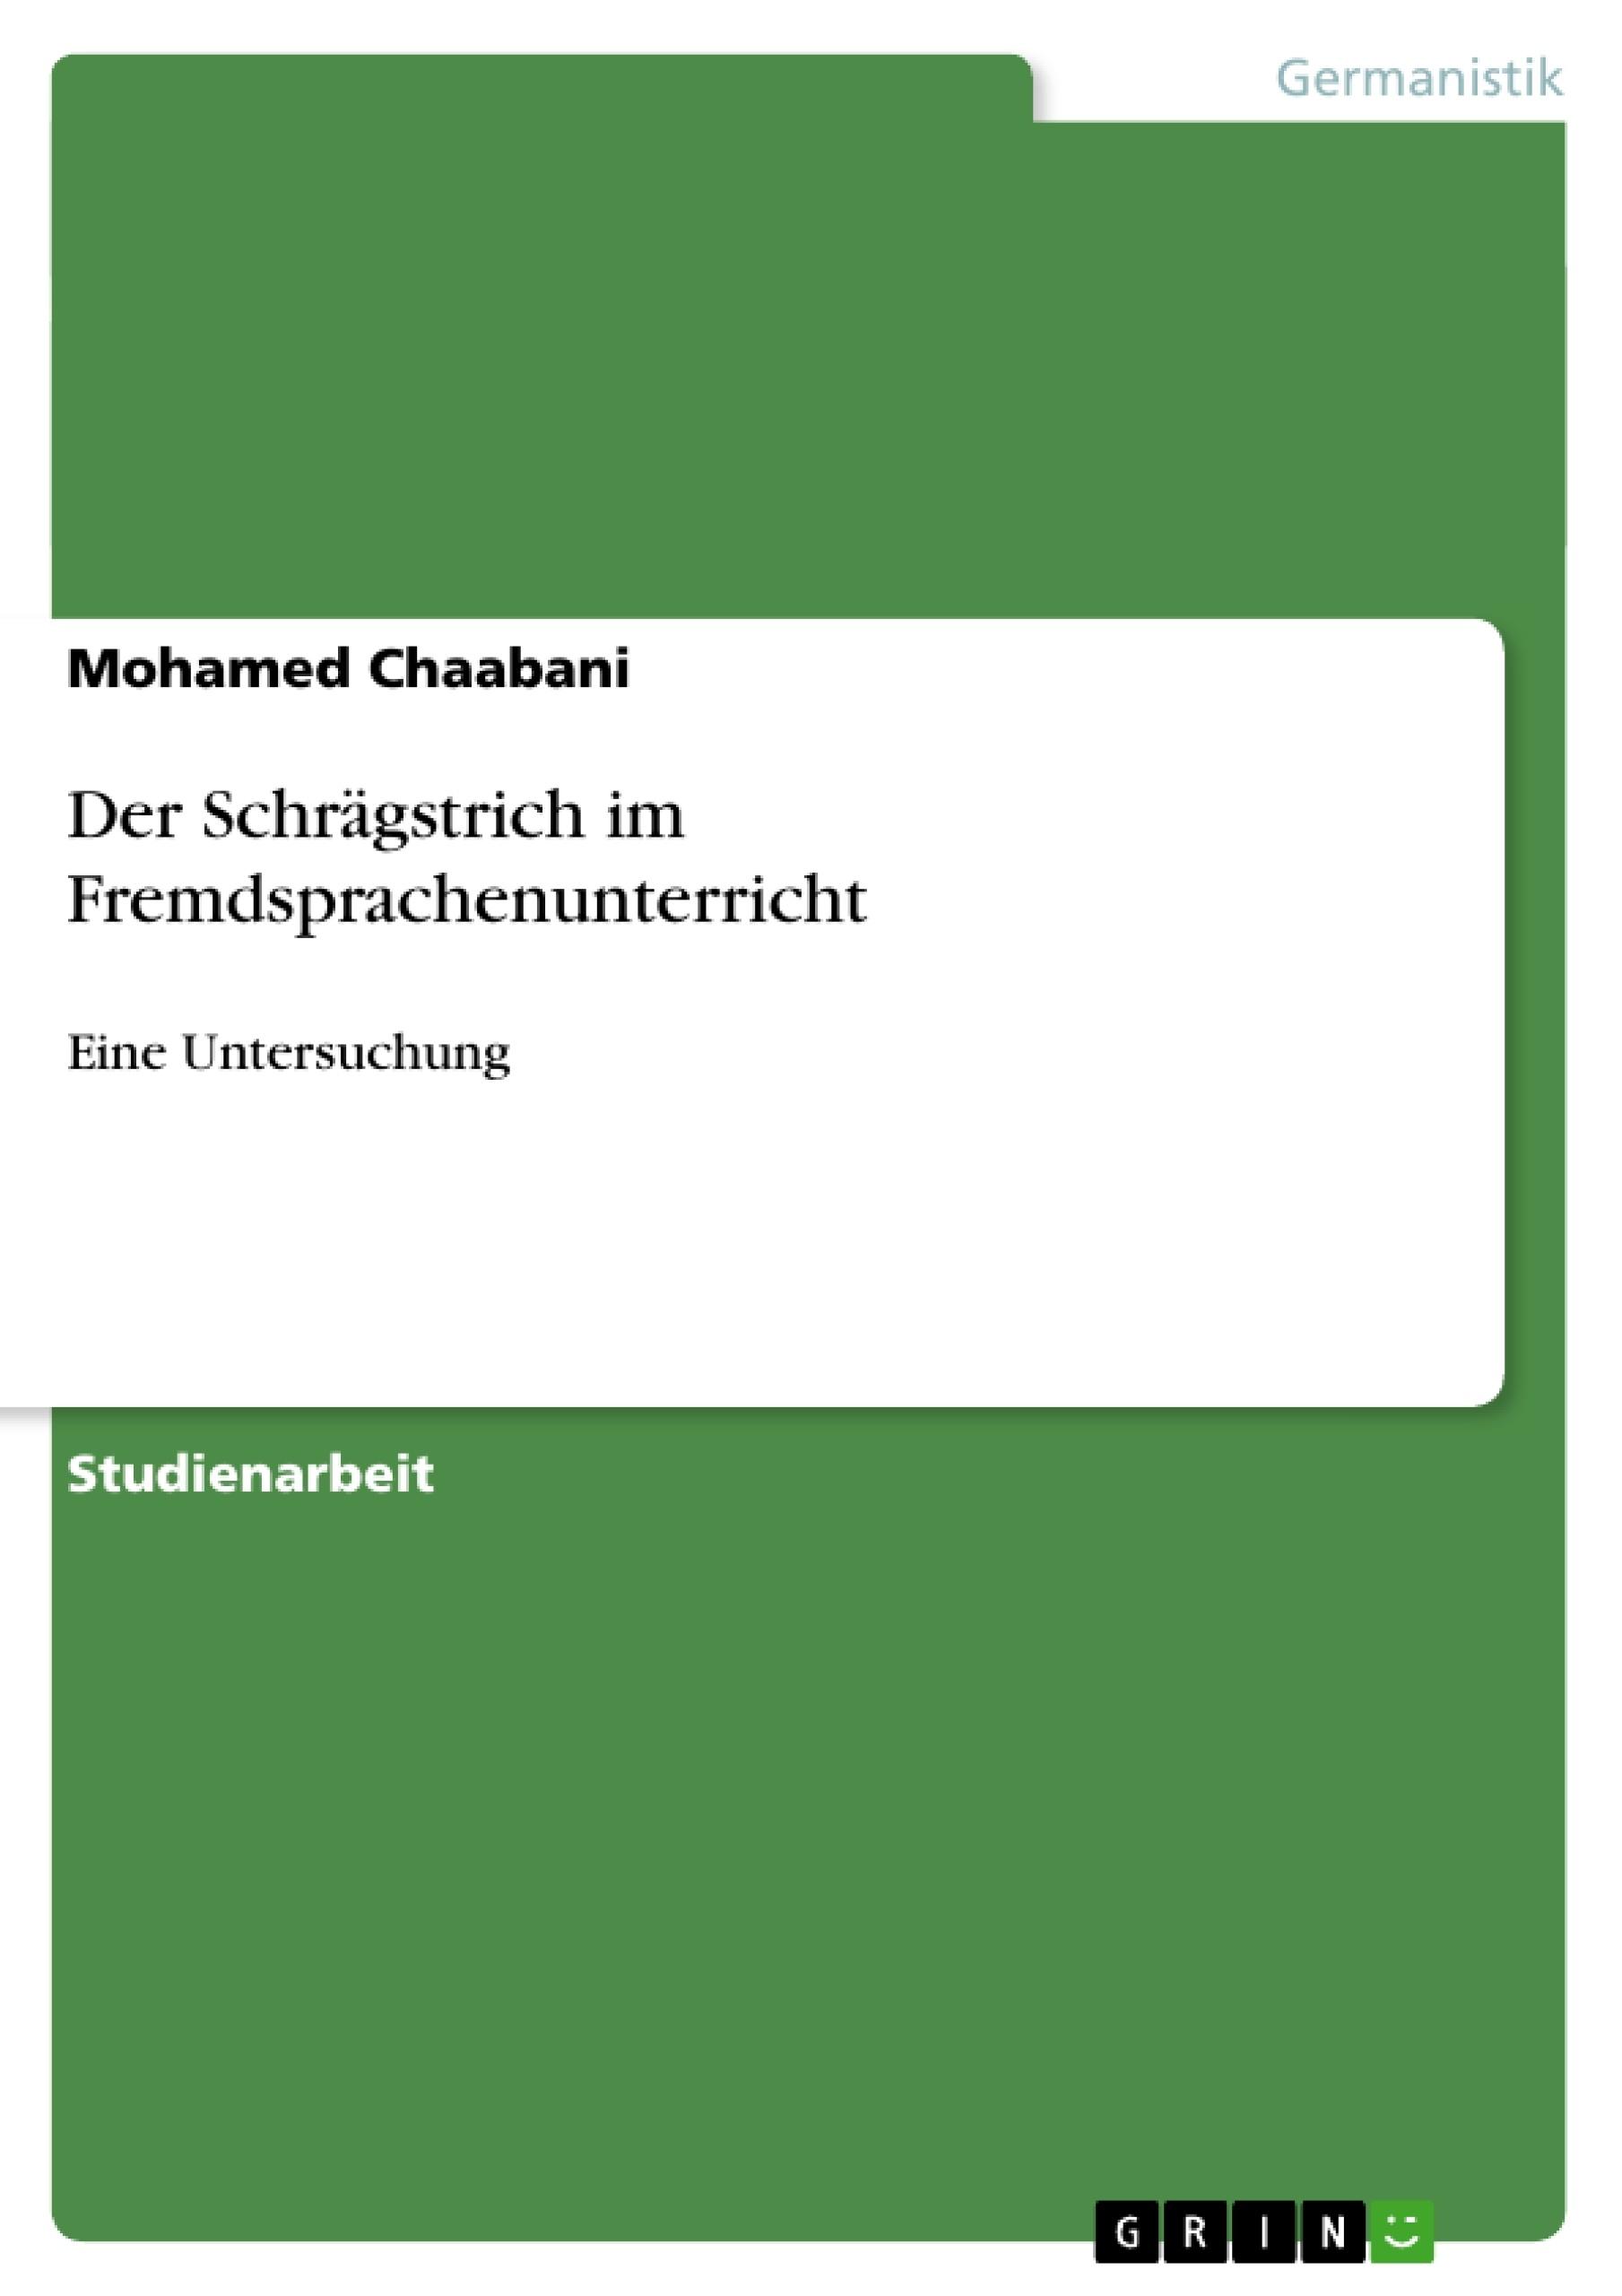 Titel: Der Schrägstrich im Fremdsprachenunterricht